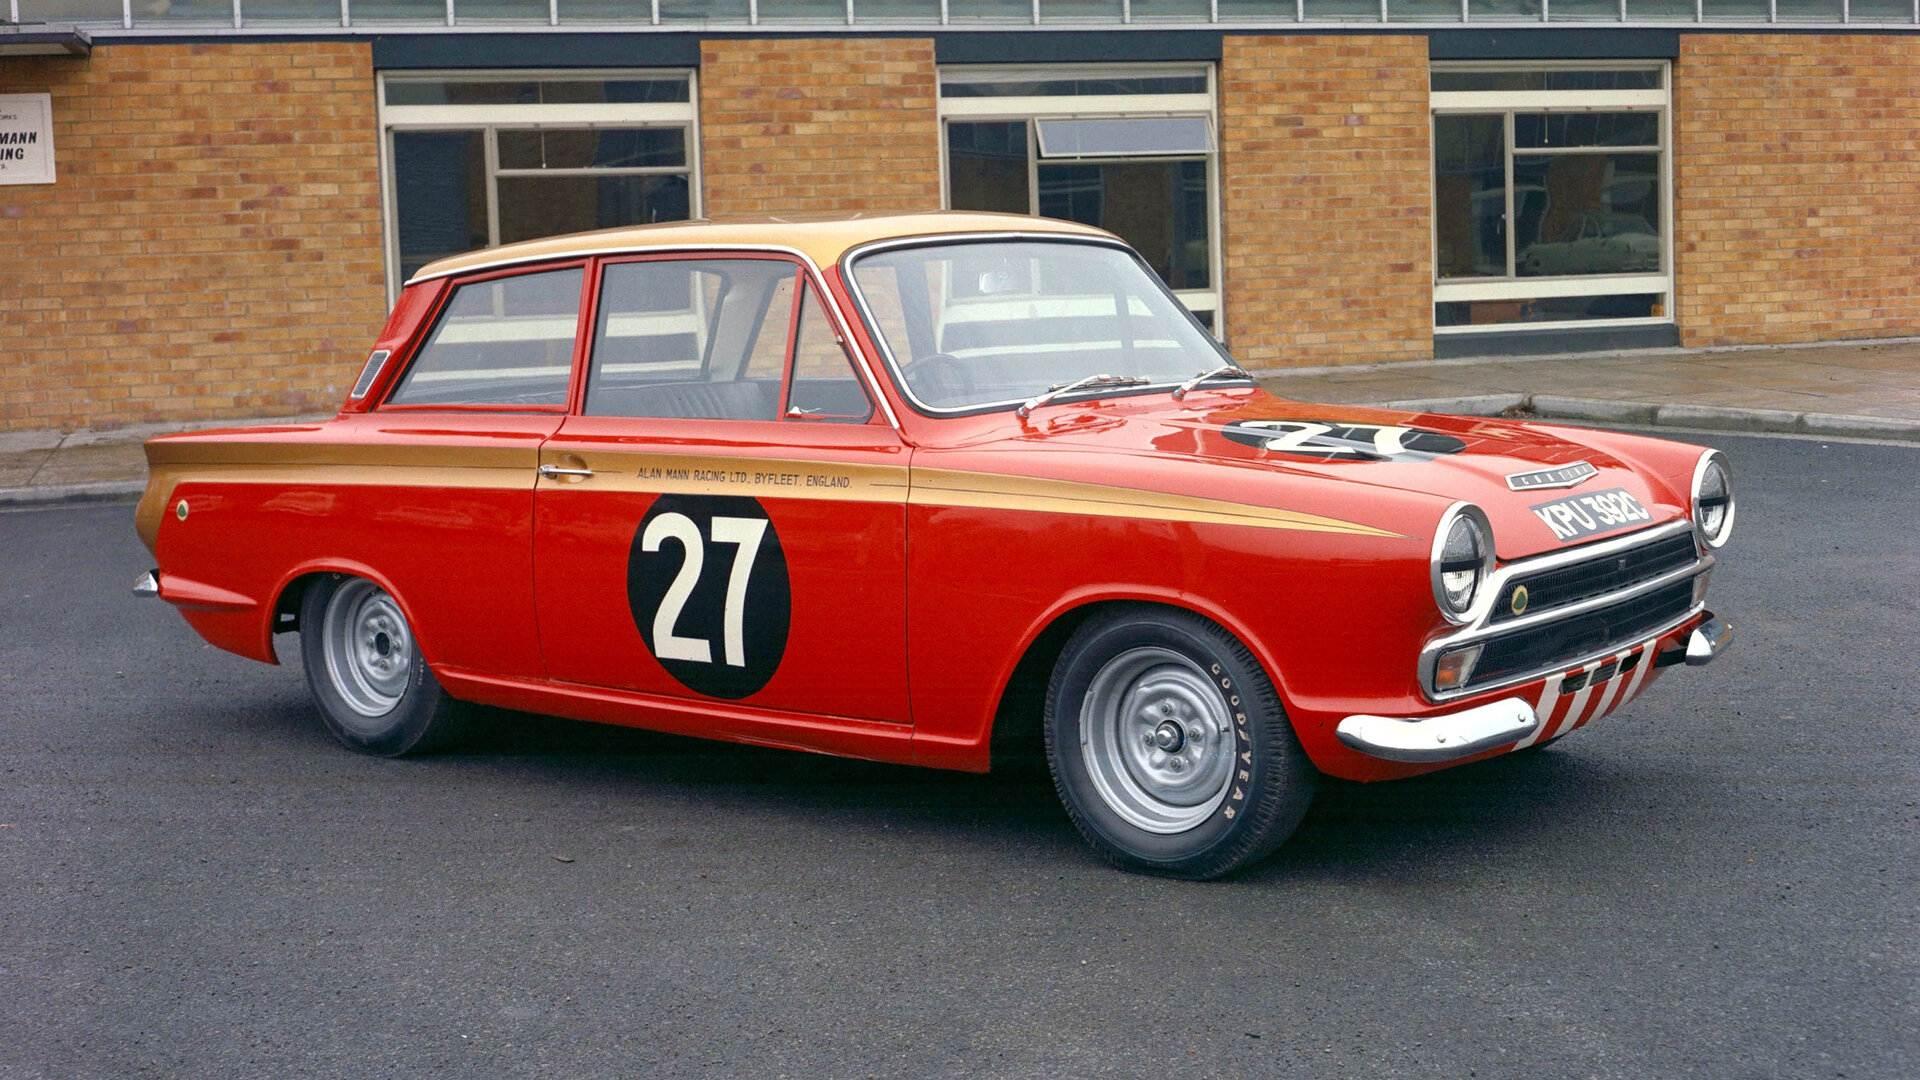 Coche del día: Ford Cortina Lotus